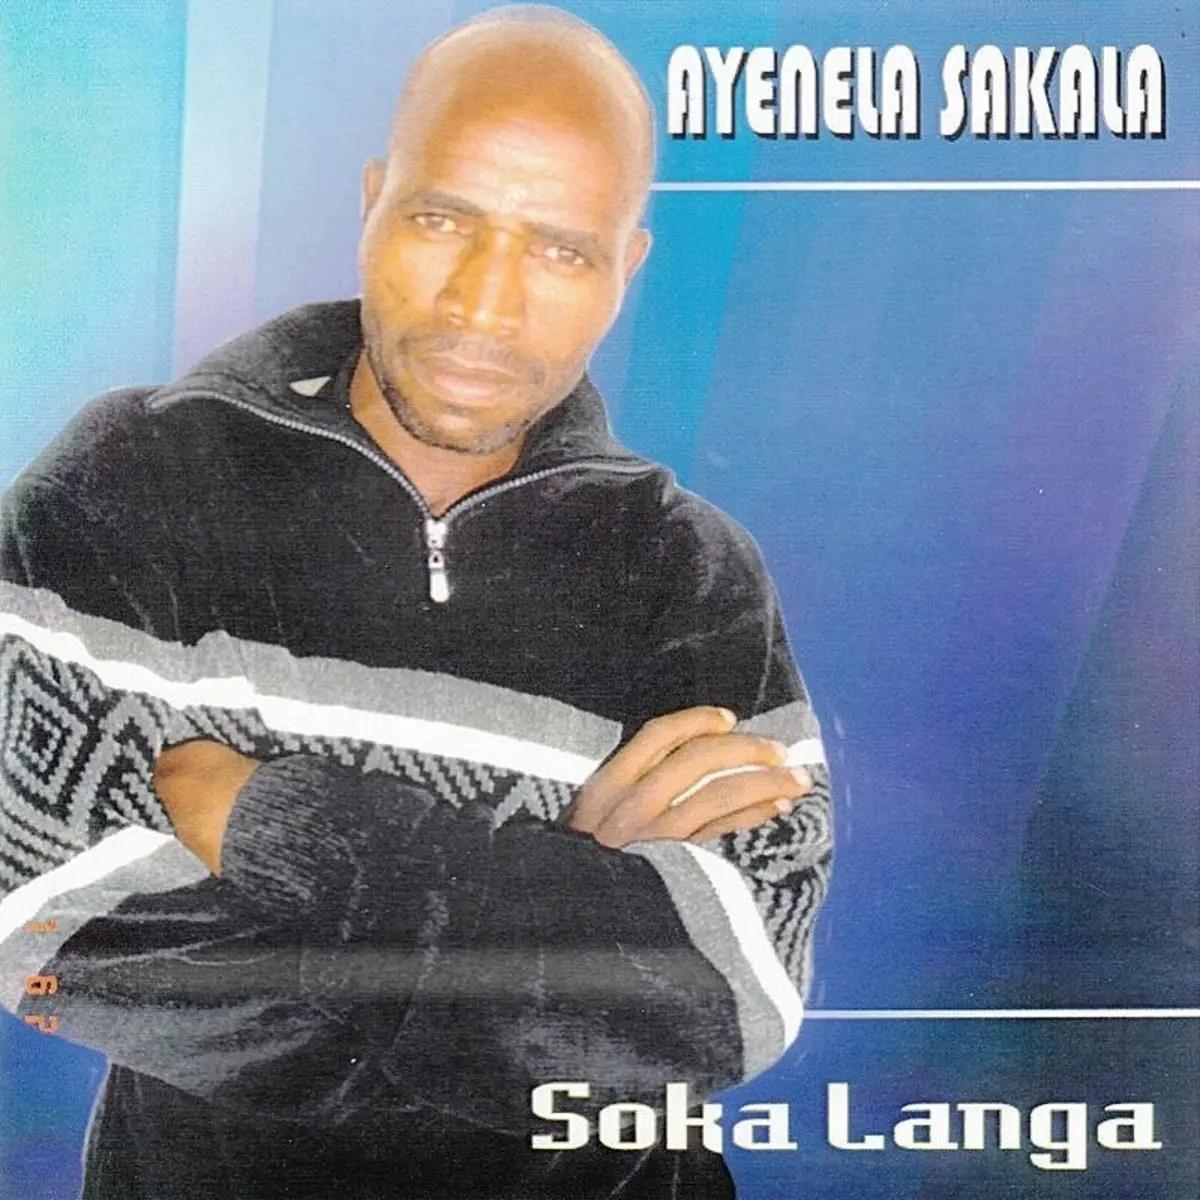 Ayenela Sakala